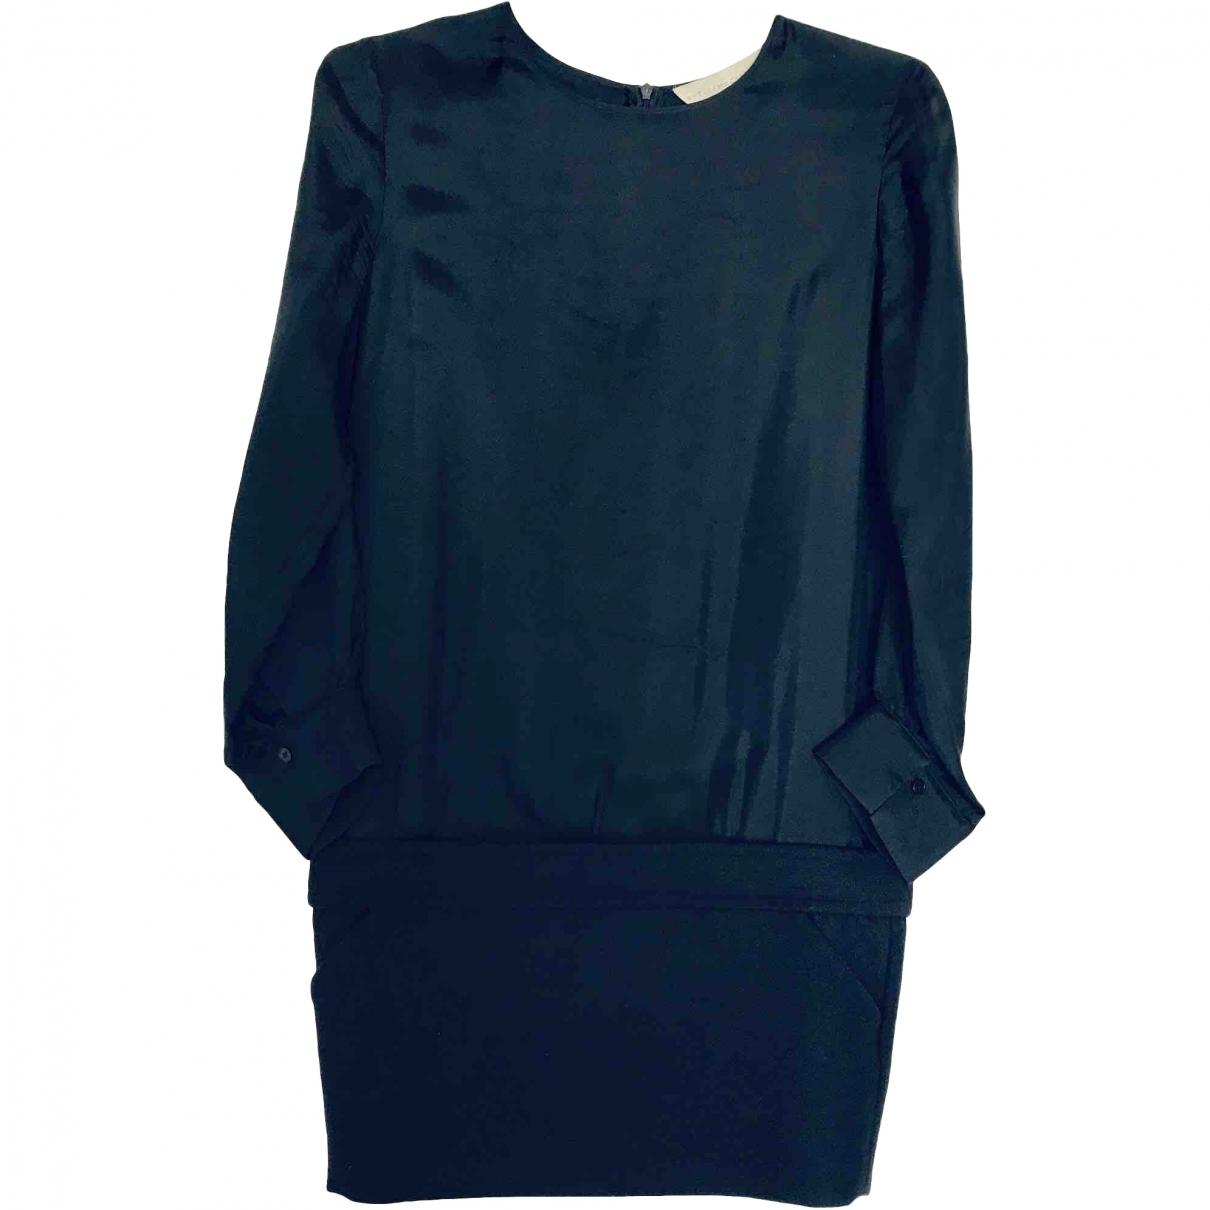 Stella Mccartney \N Navy dress for Women 40 IT